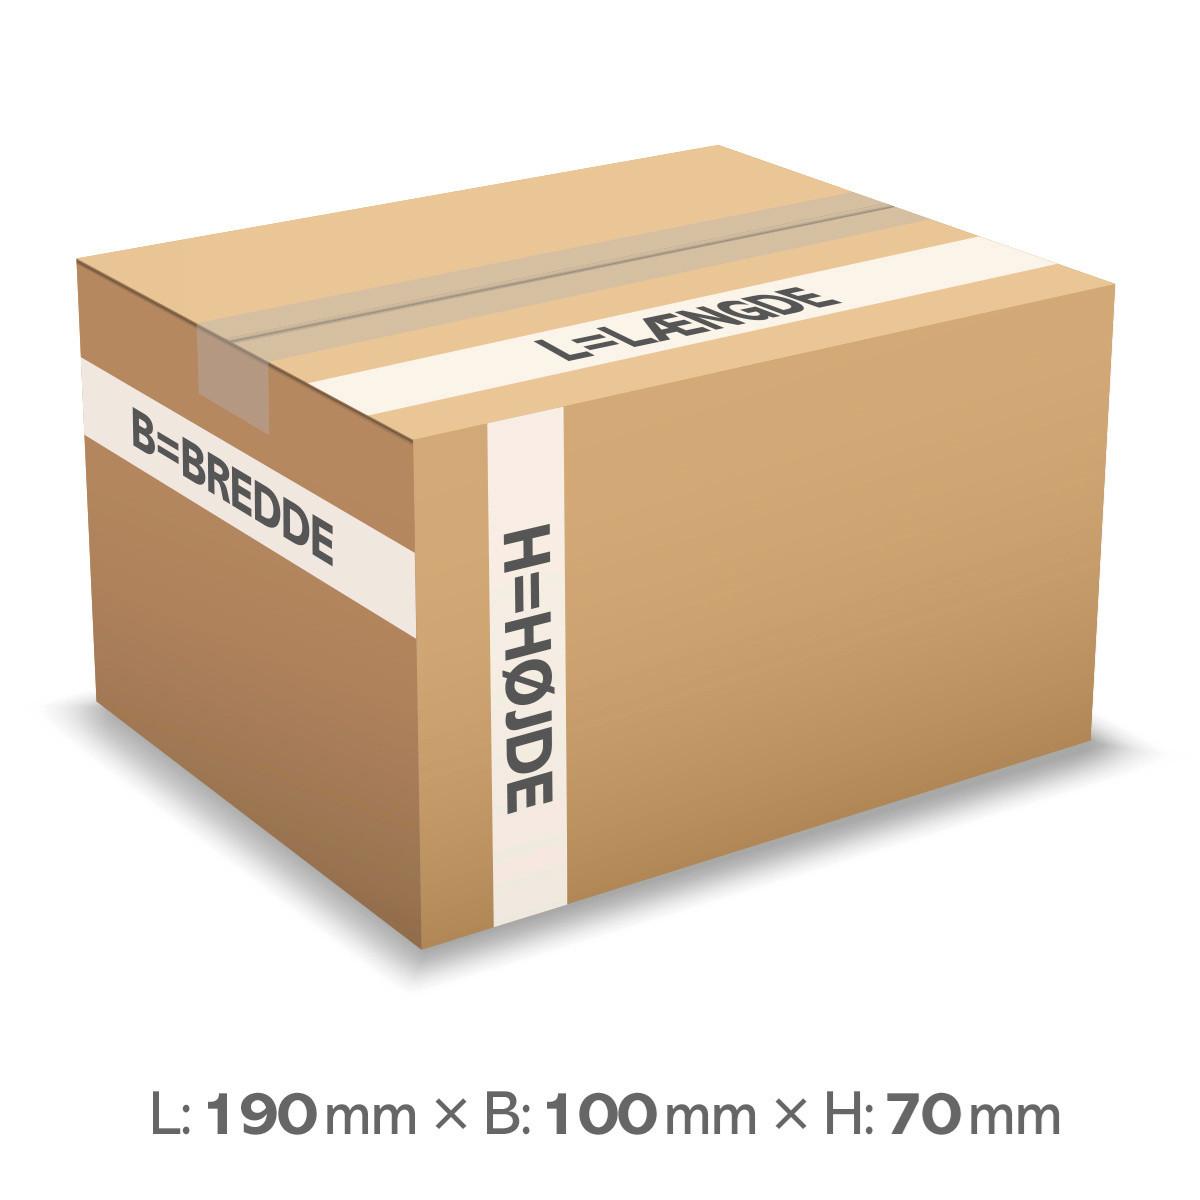 Små papkasser - 918 - 1L - 3mm - 190 x 100 x 70 mm